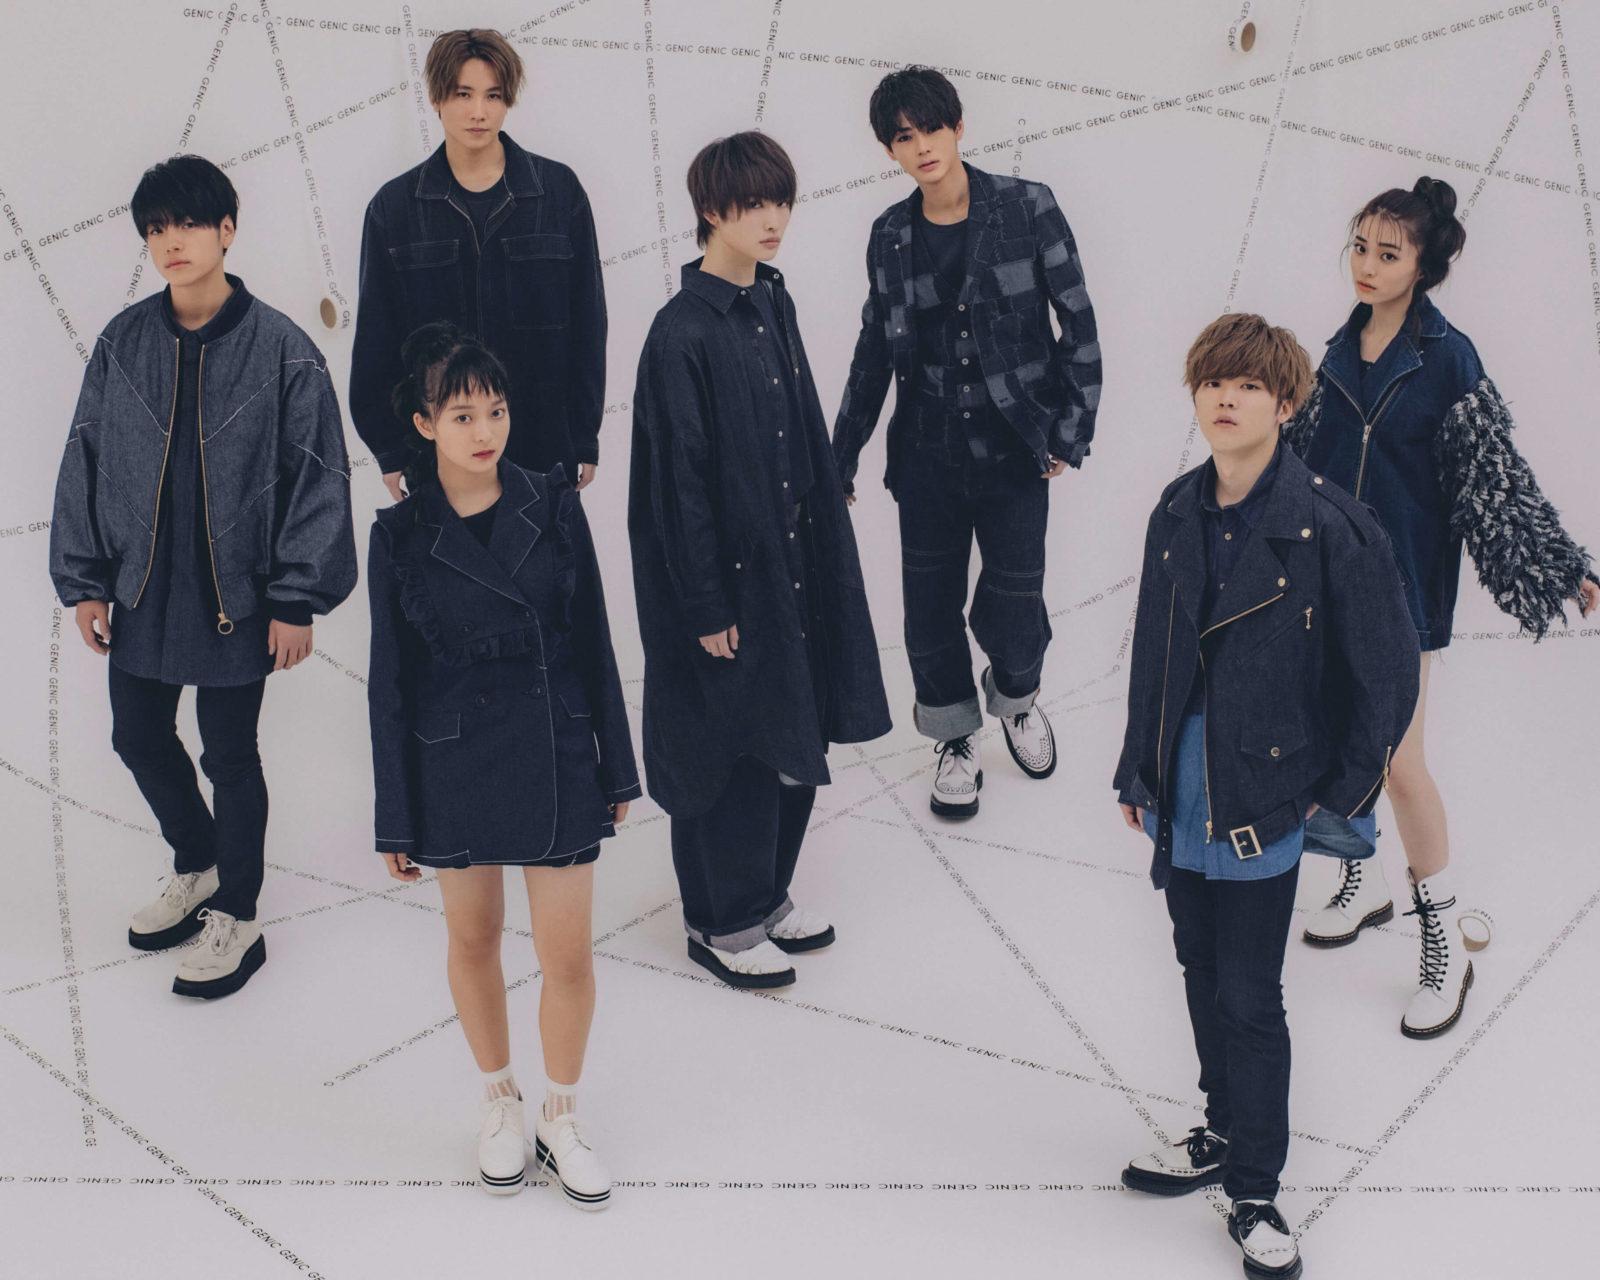 GENIC、新MVはリーダーからメンバーへのサプライズ。デビュー目前に思い出の場所へサムネイル画像